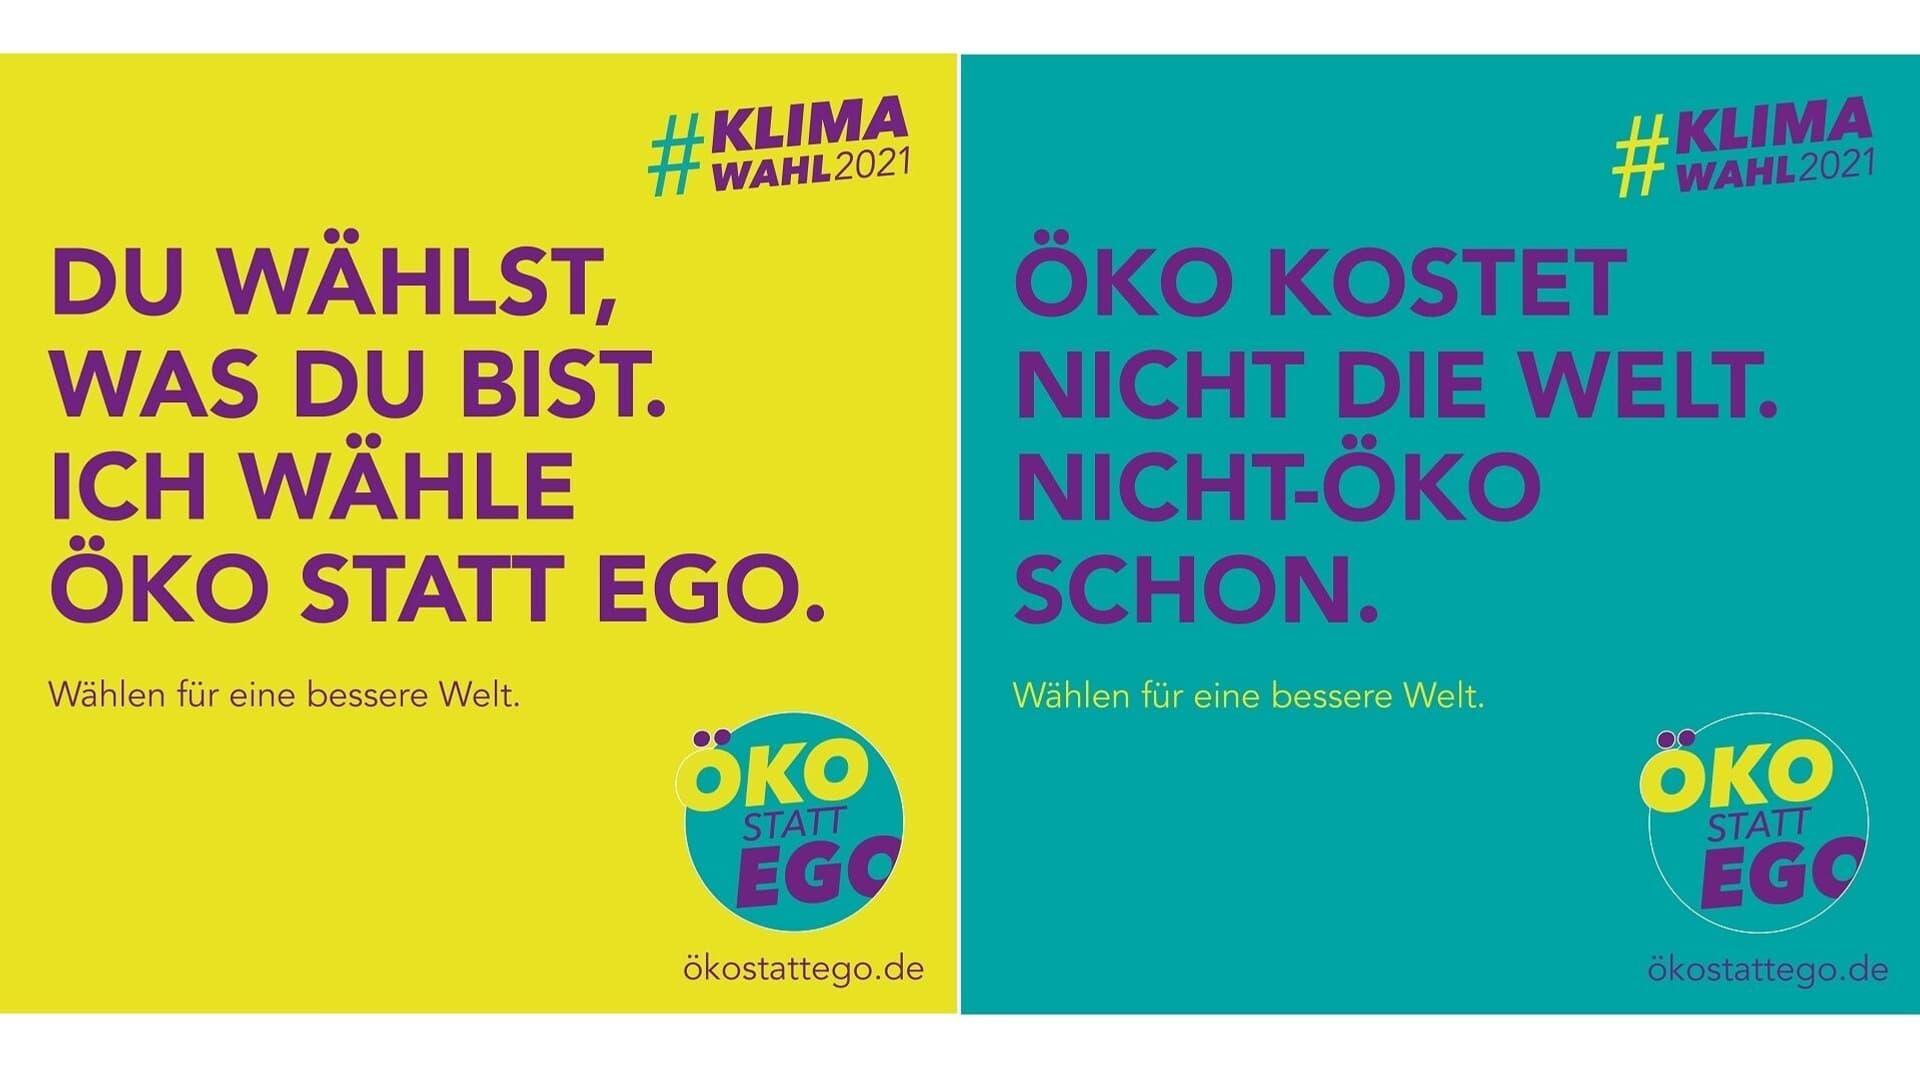 Klimawahl-Kampagnen Material von Öko statt Ego